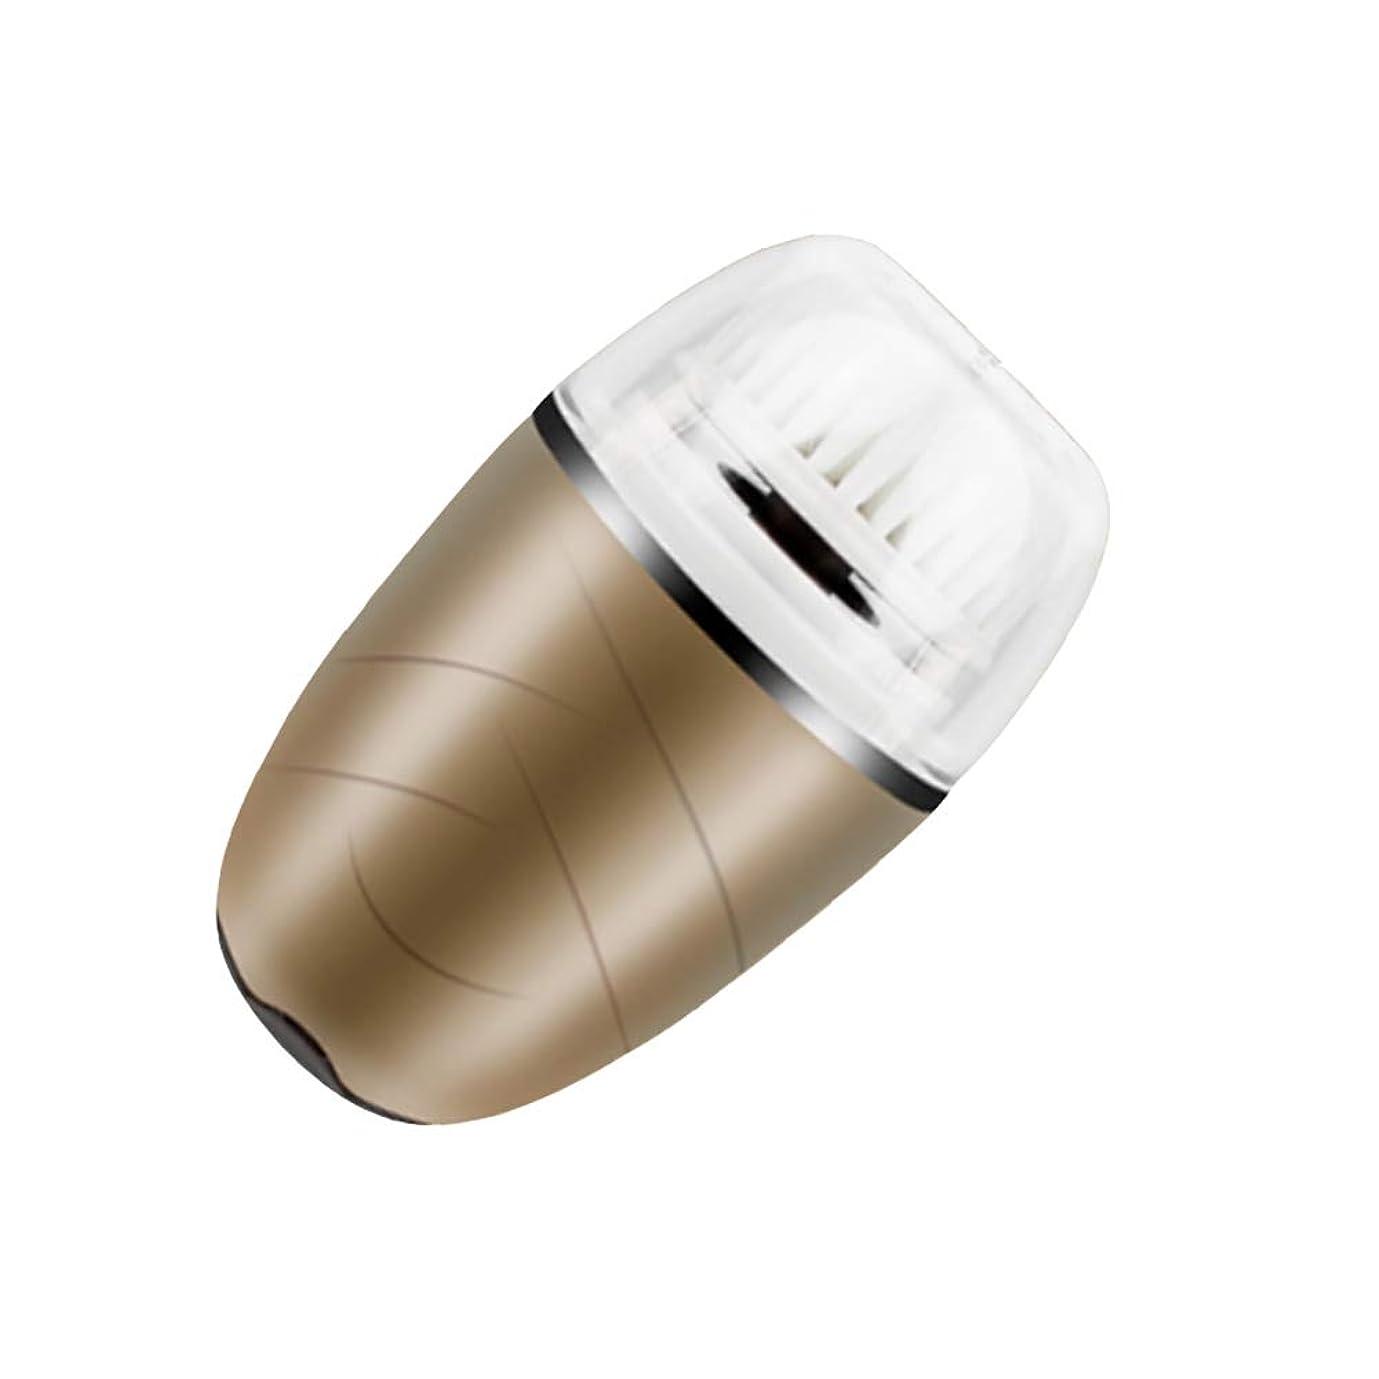 スリチンモイホイッスル利用可能洗顔ブラシ、電動ソニックフェイスブラシ振動顔クレンジングシステム防水ブラシにきびエクスフォリエーター USB 充電式,Gold